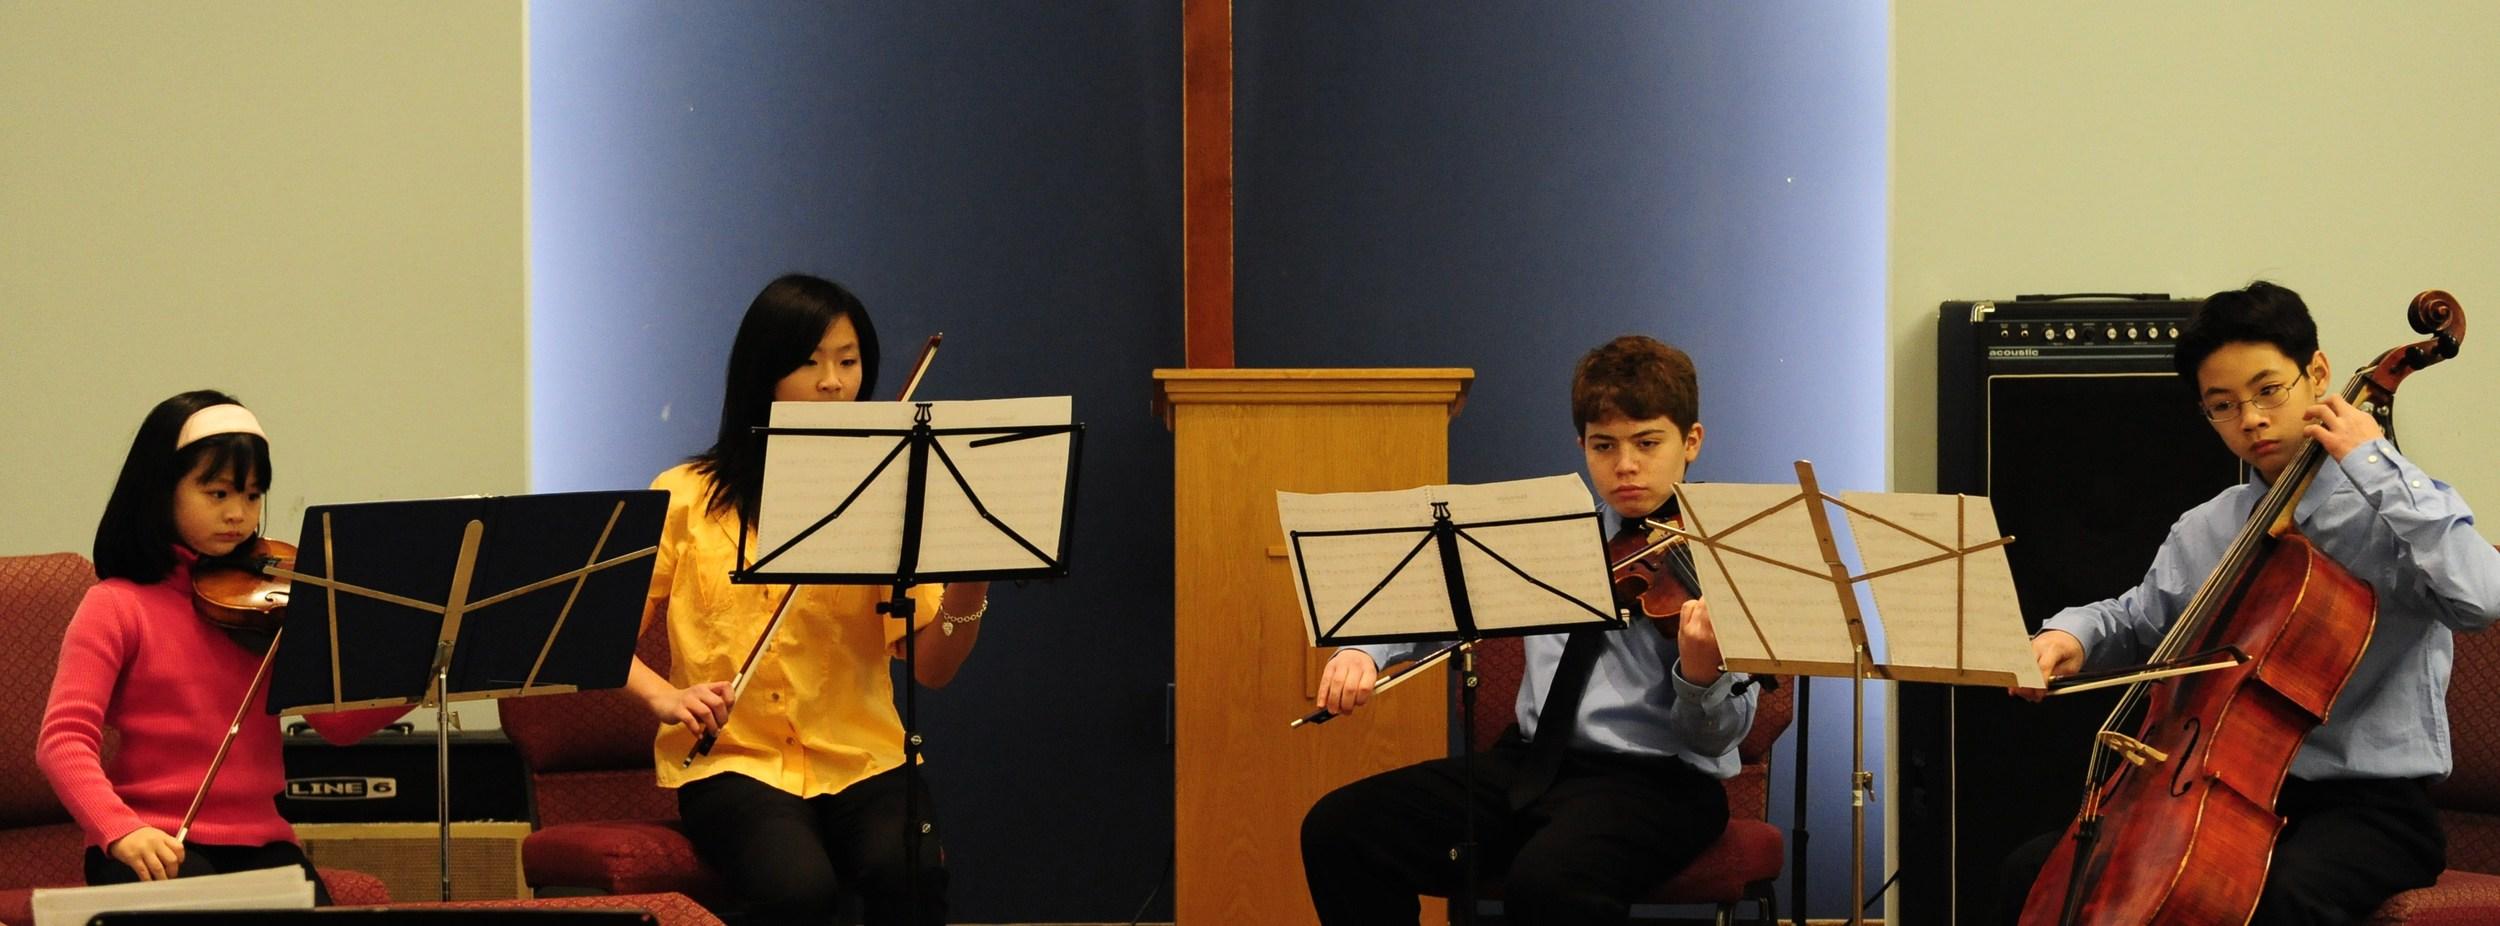 Performing Handel'sHornpipe